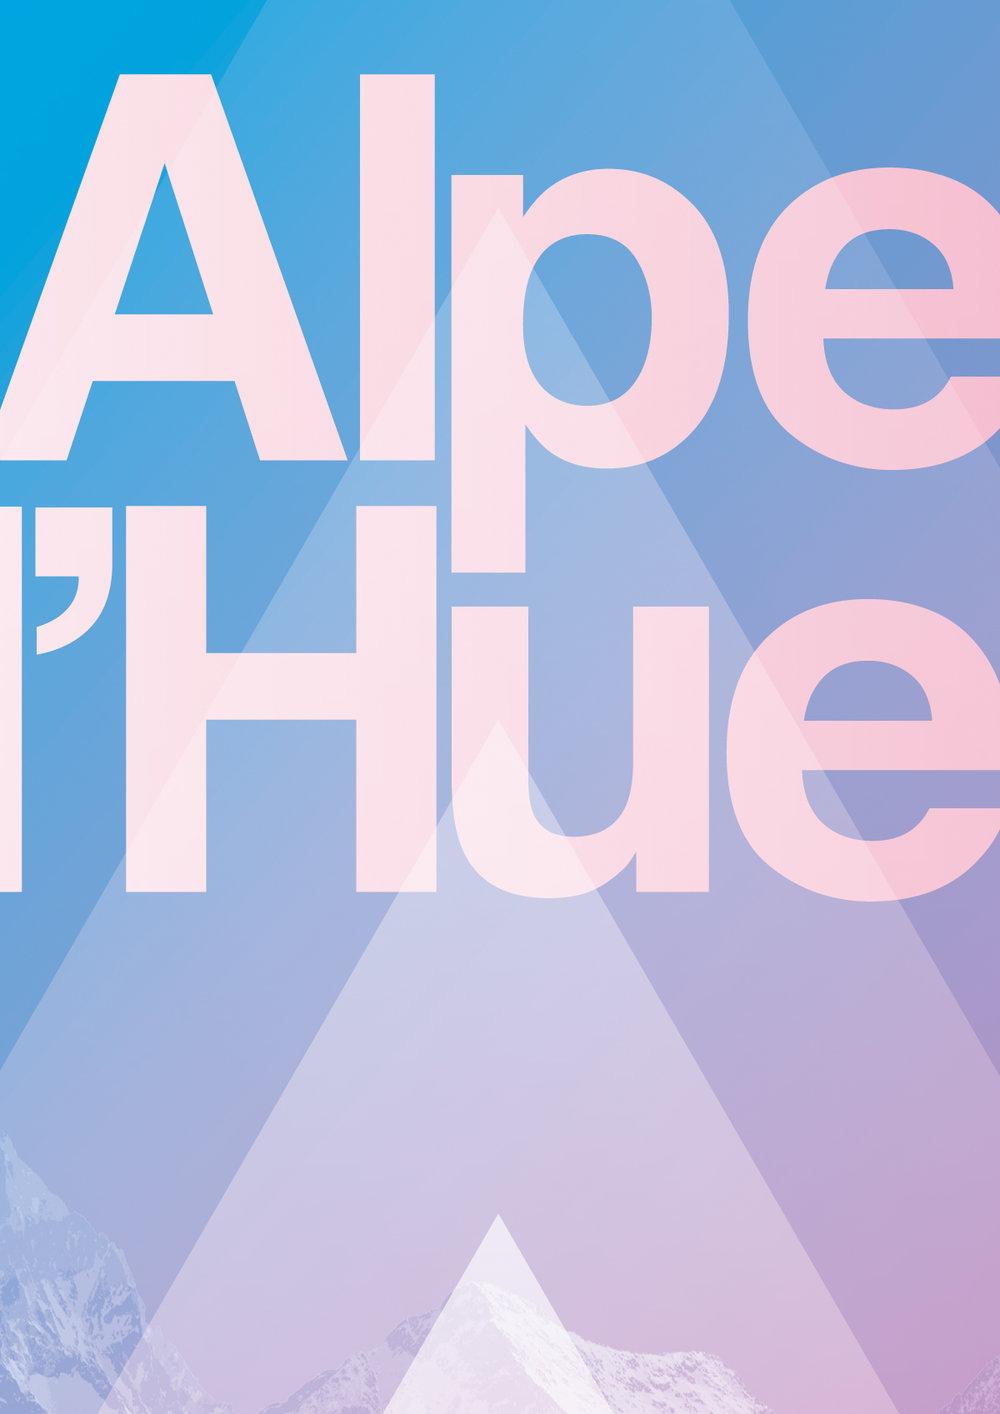 Alpe d'Huez_4.jpg